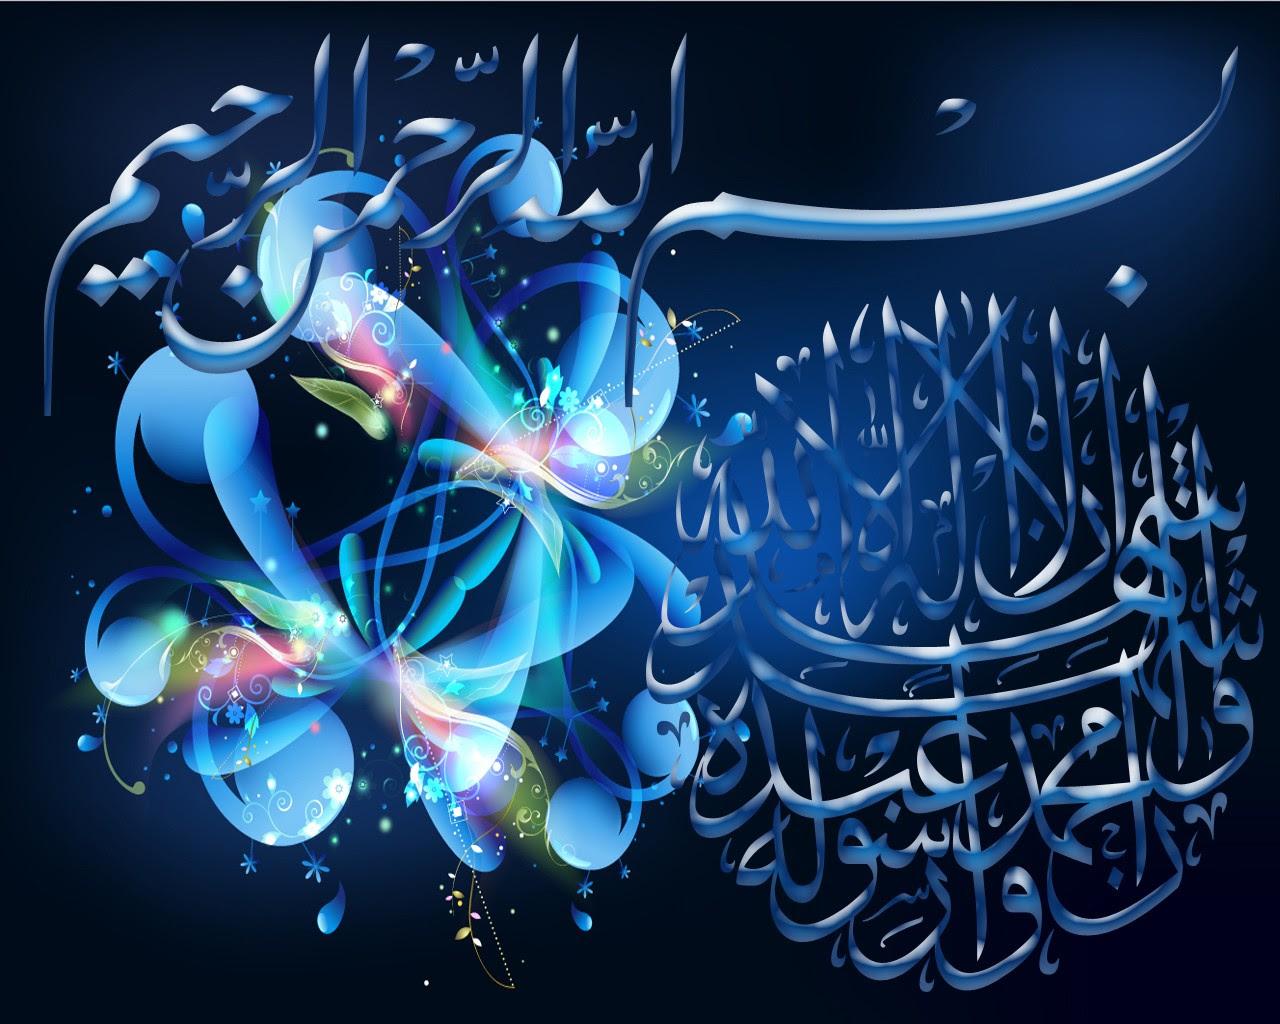 Unduh 2000+ Wallpaper Bergerak Tulisan Arab